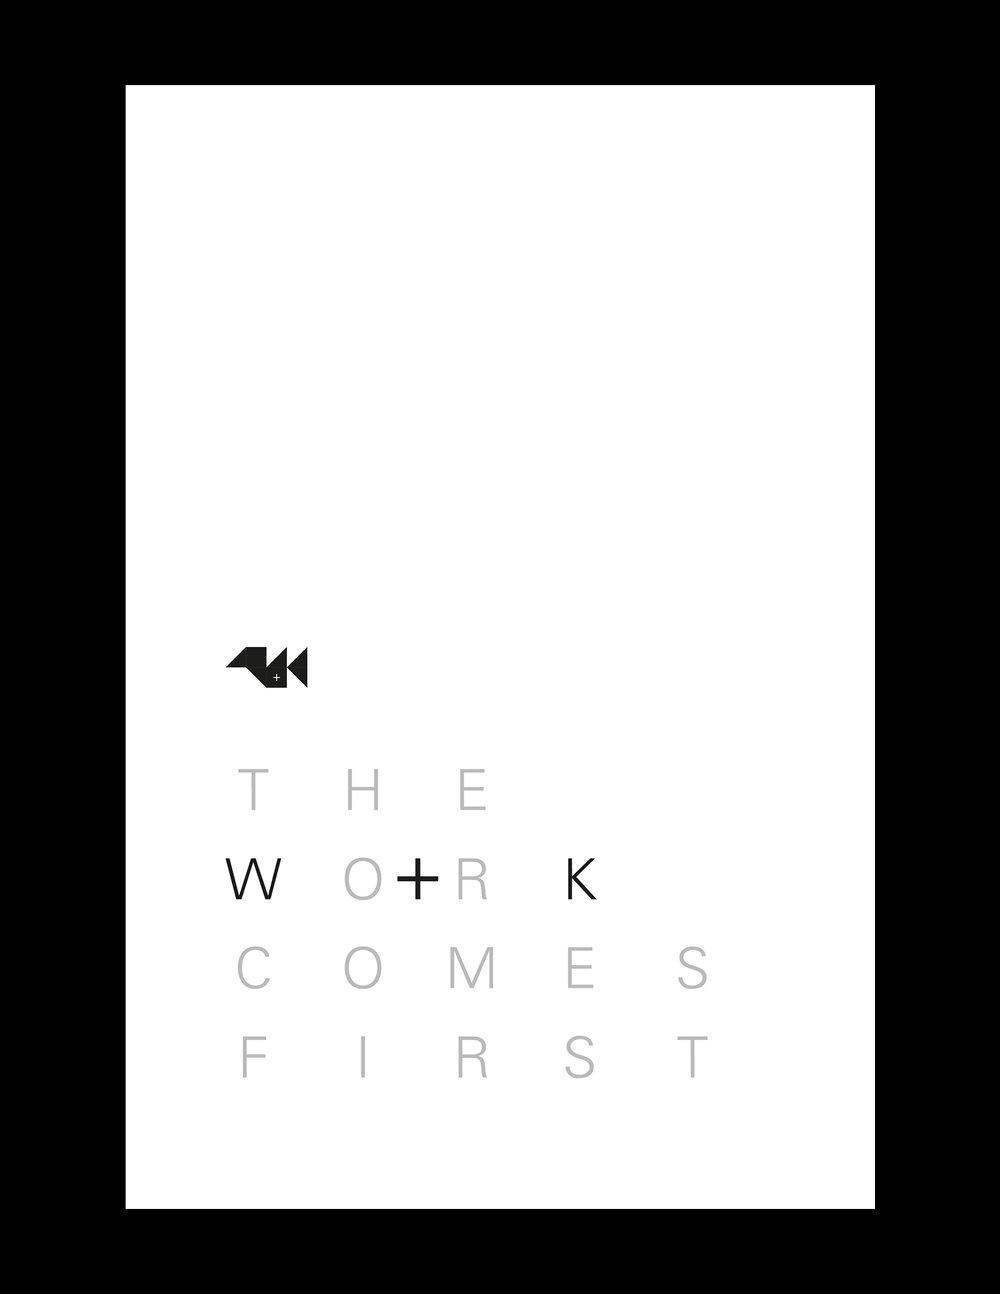 work1.jpg